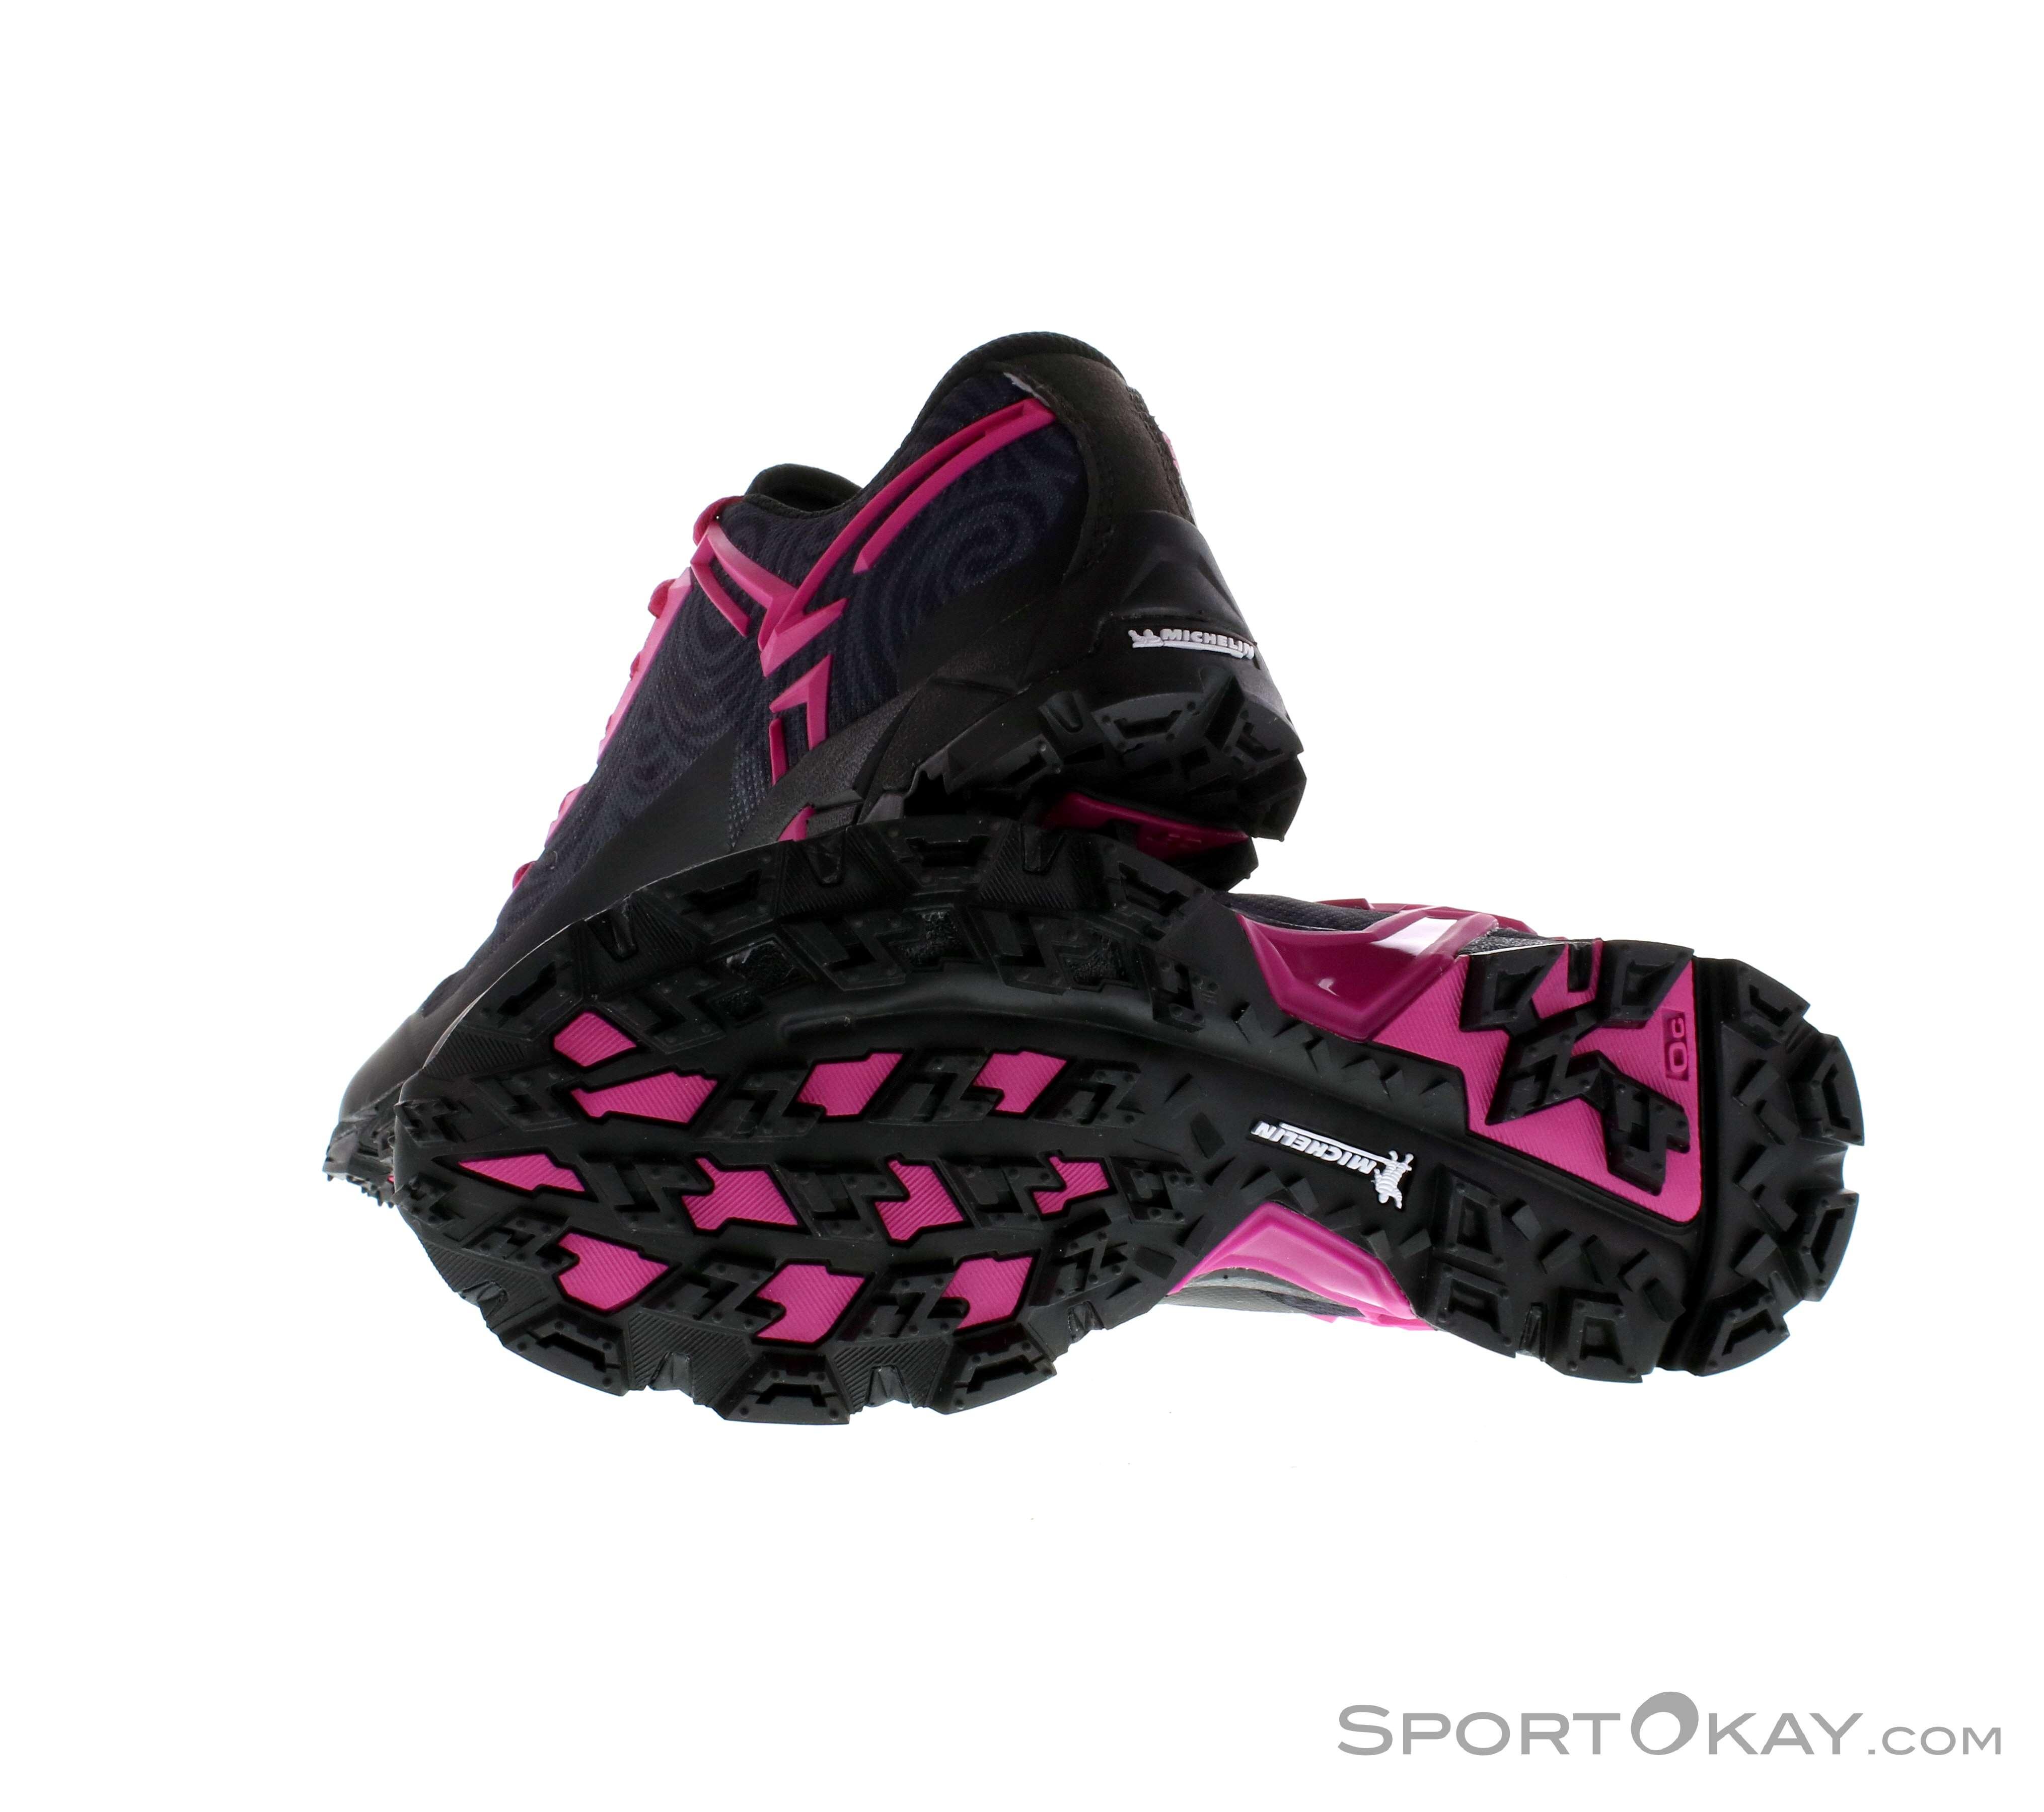 Salewa Damen WS Lite Train Outdoor Fitnessschuhe, Pink